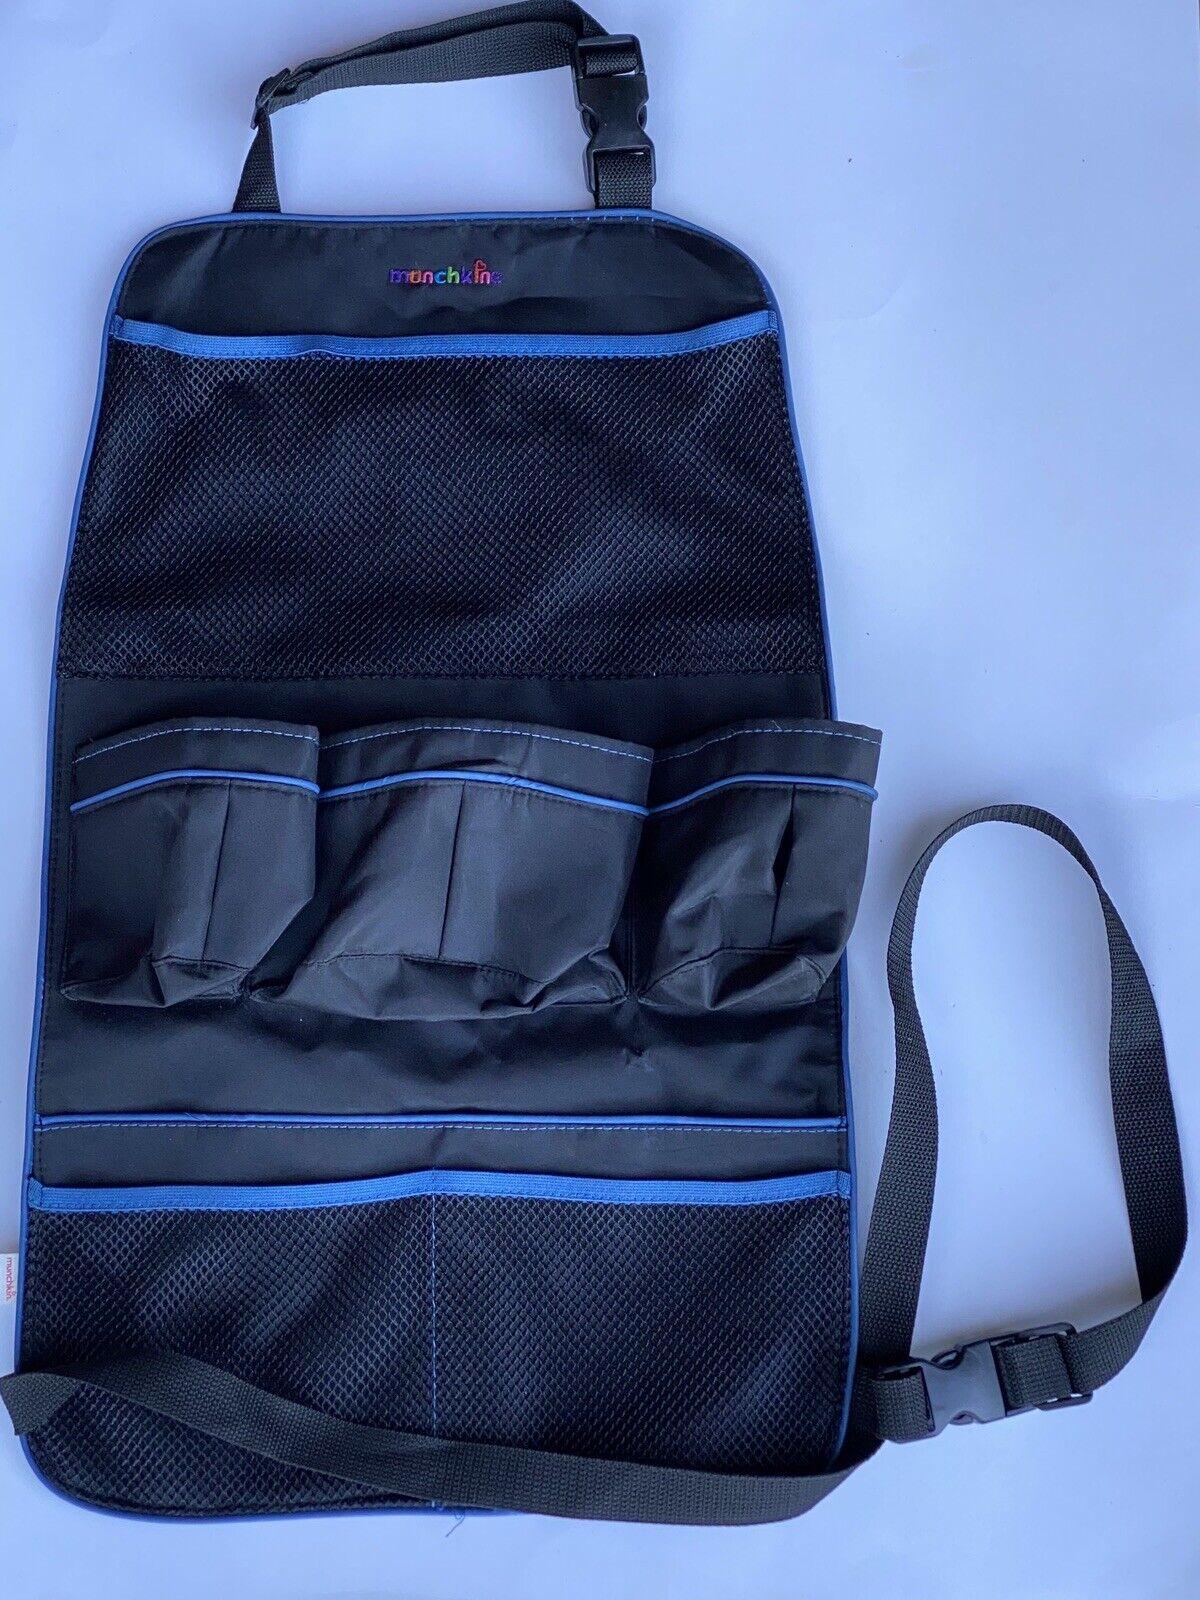 Black Munchkin 23205 Backseat Organizer